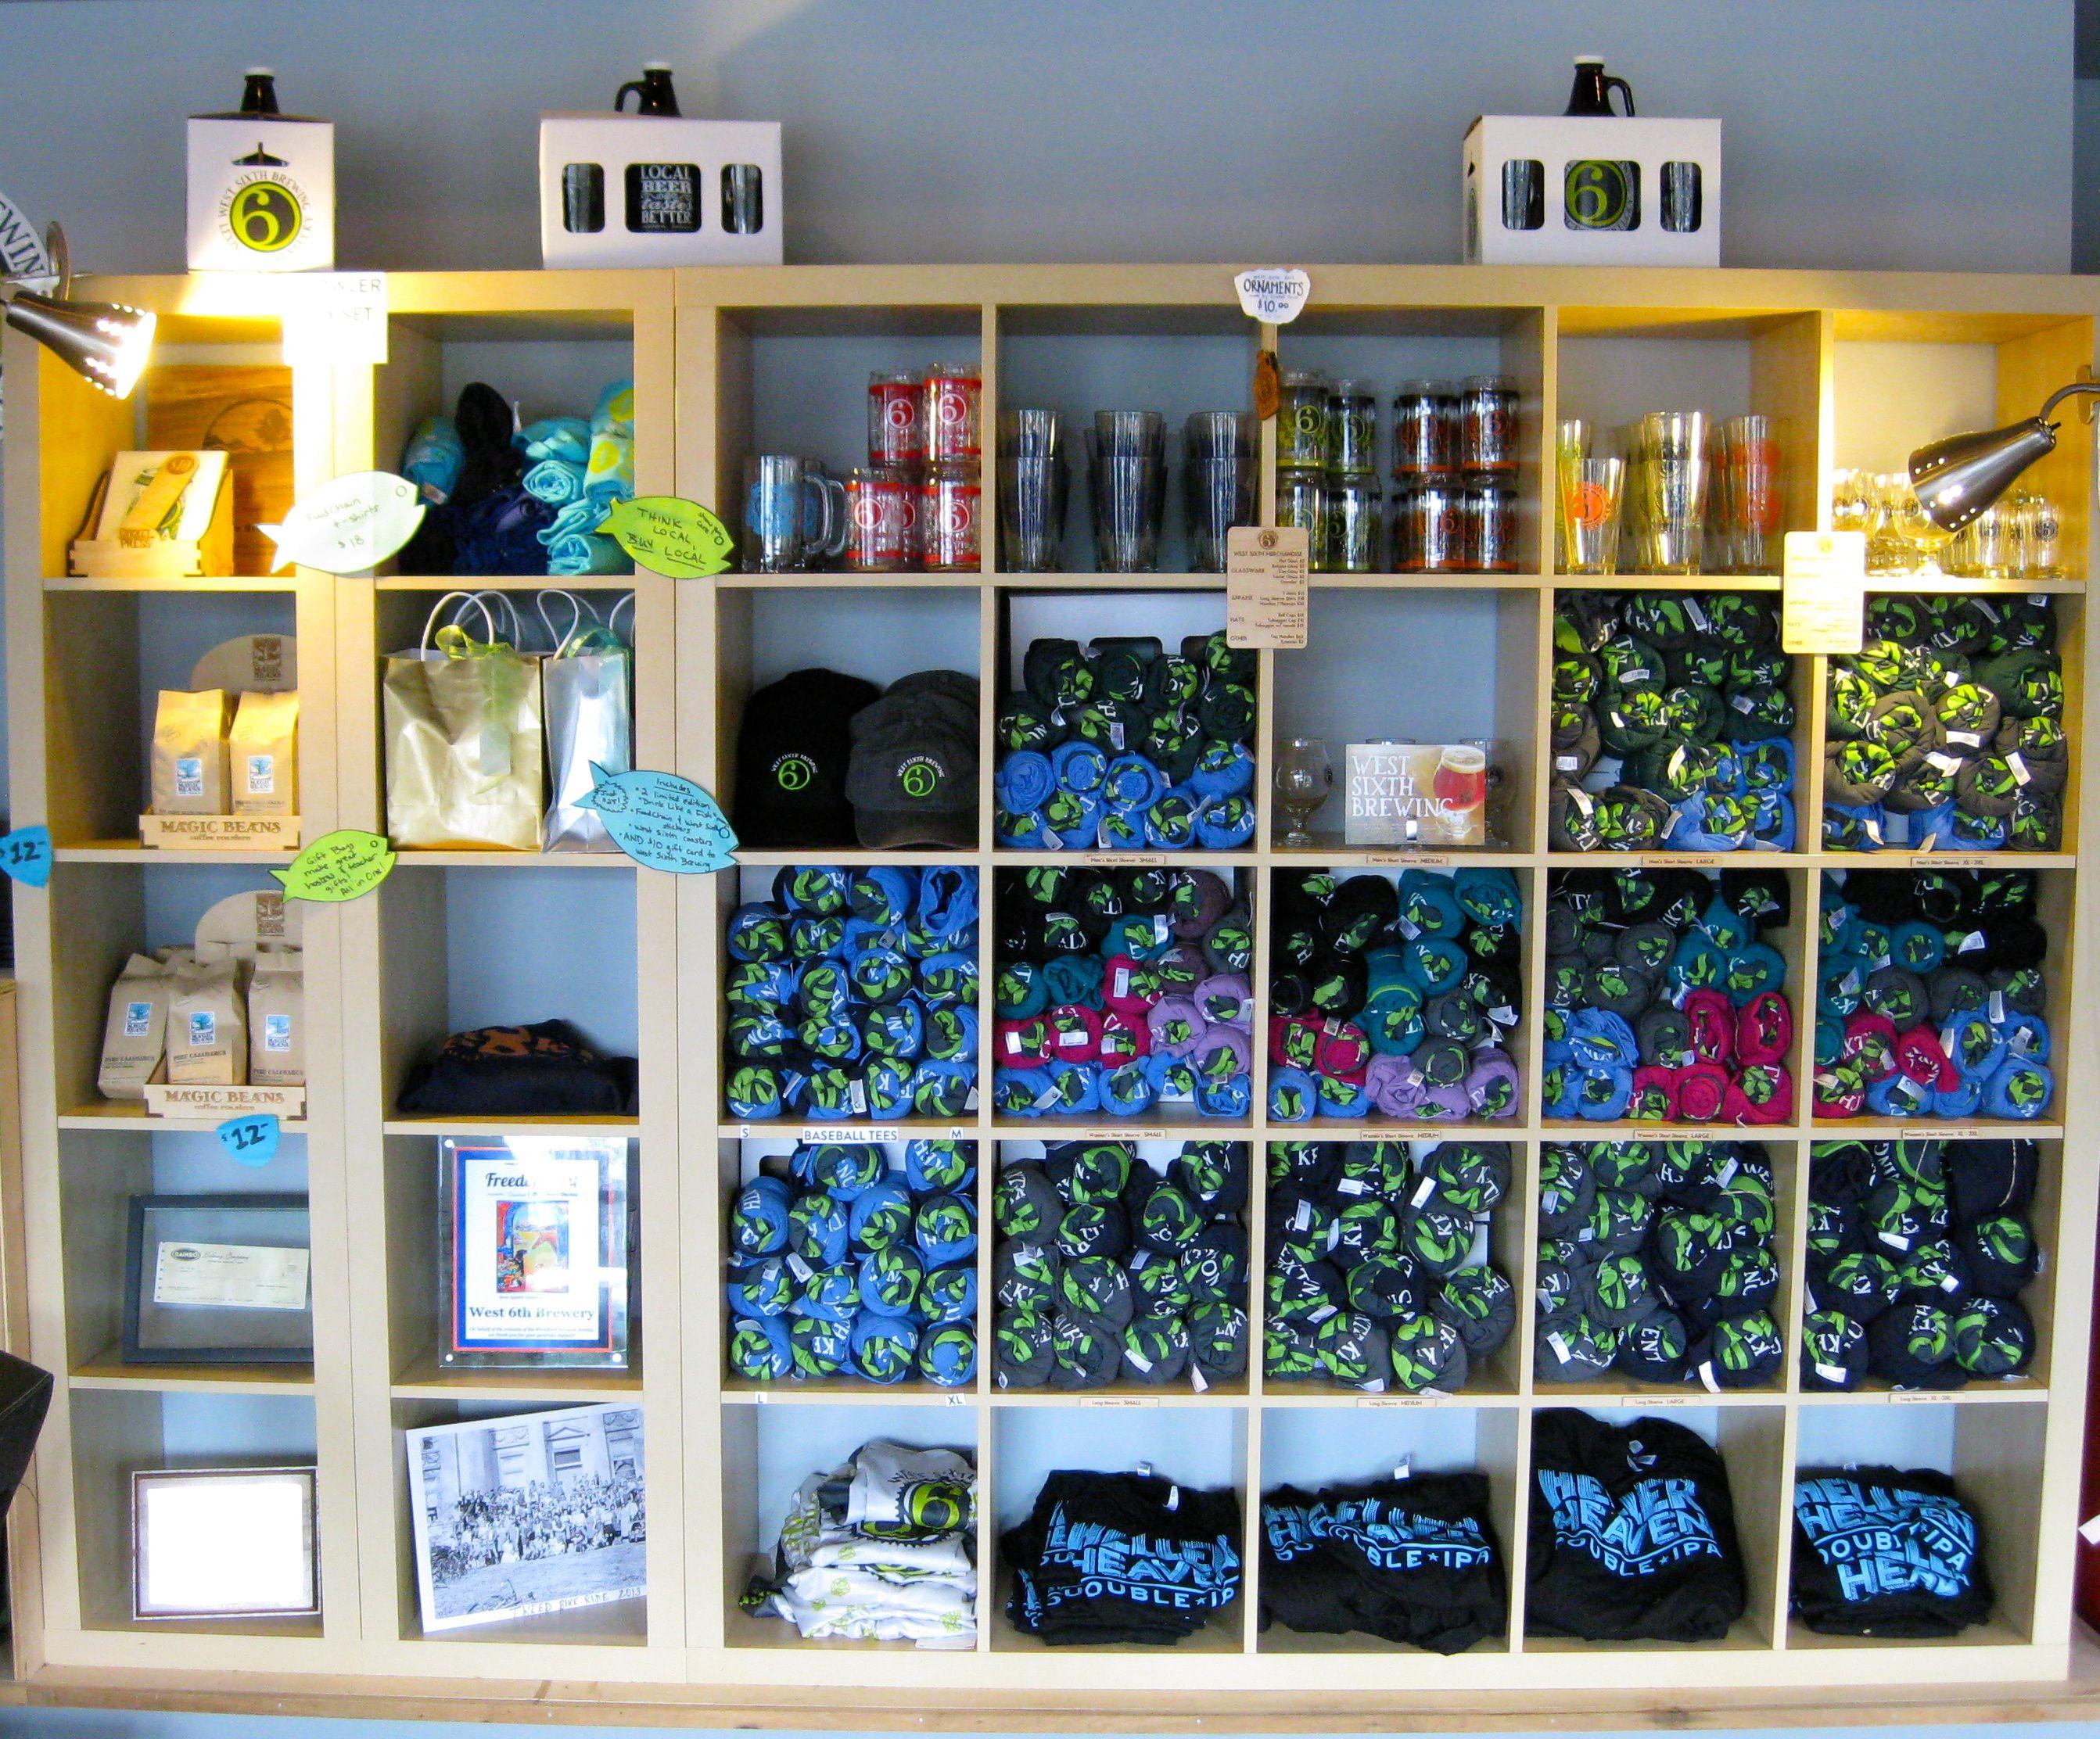 craft beer merchandising display google search - Beer Merchandiser